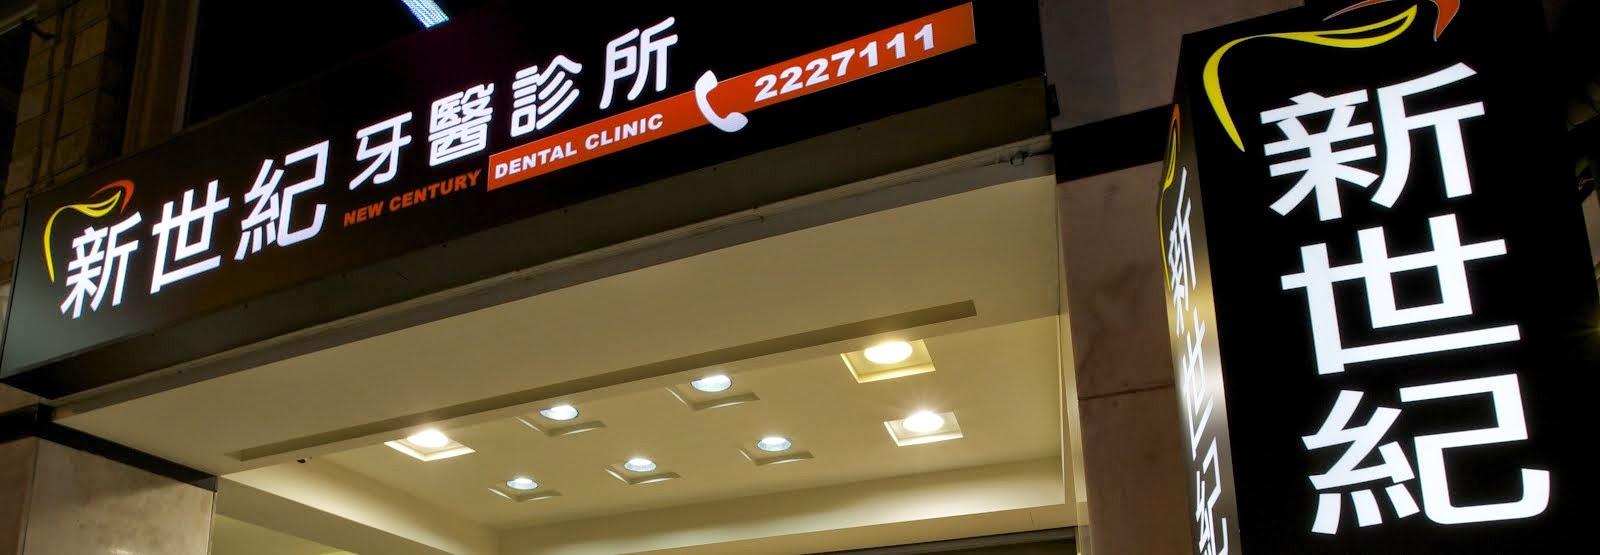 新世紀牙醫診所